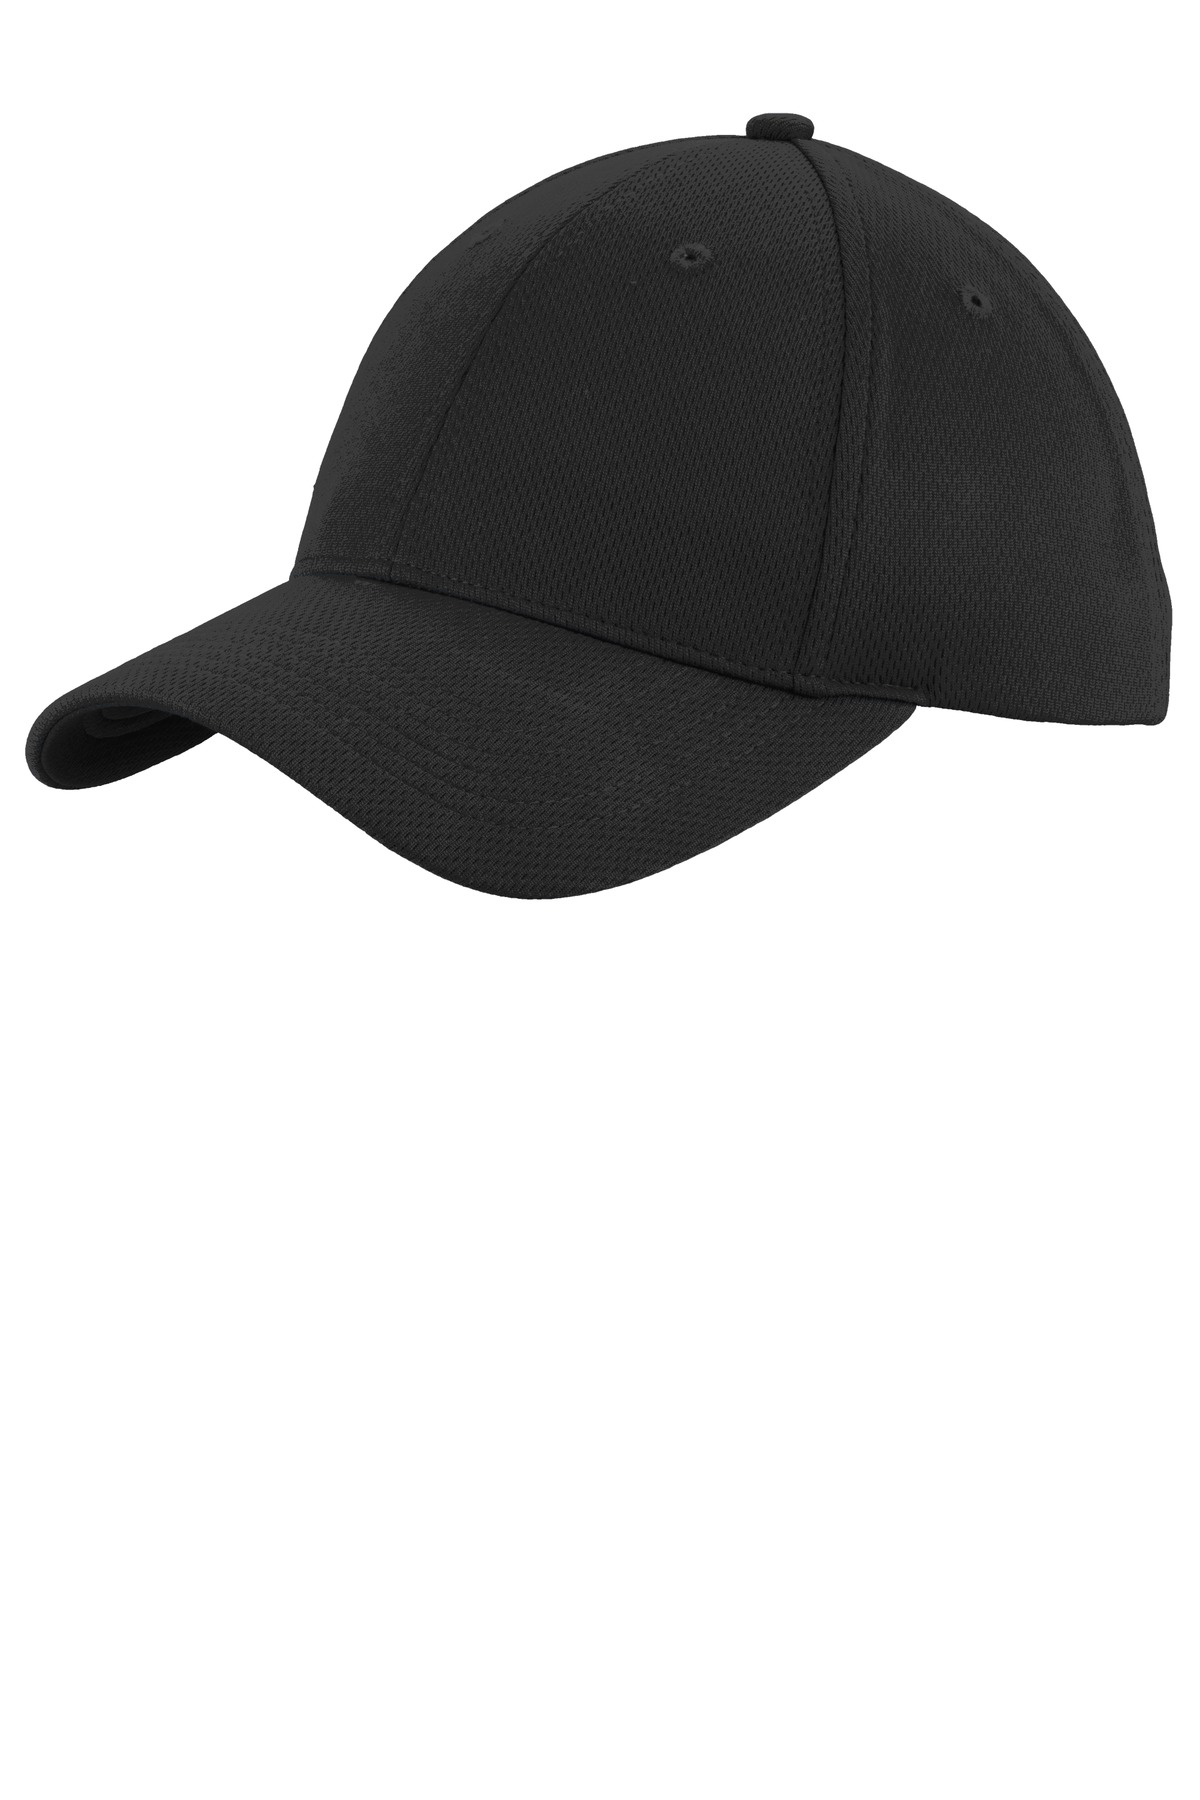 Sport-Tek® STC26 - PosiCharge RacerMesh Cap